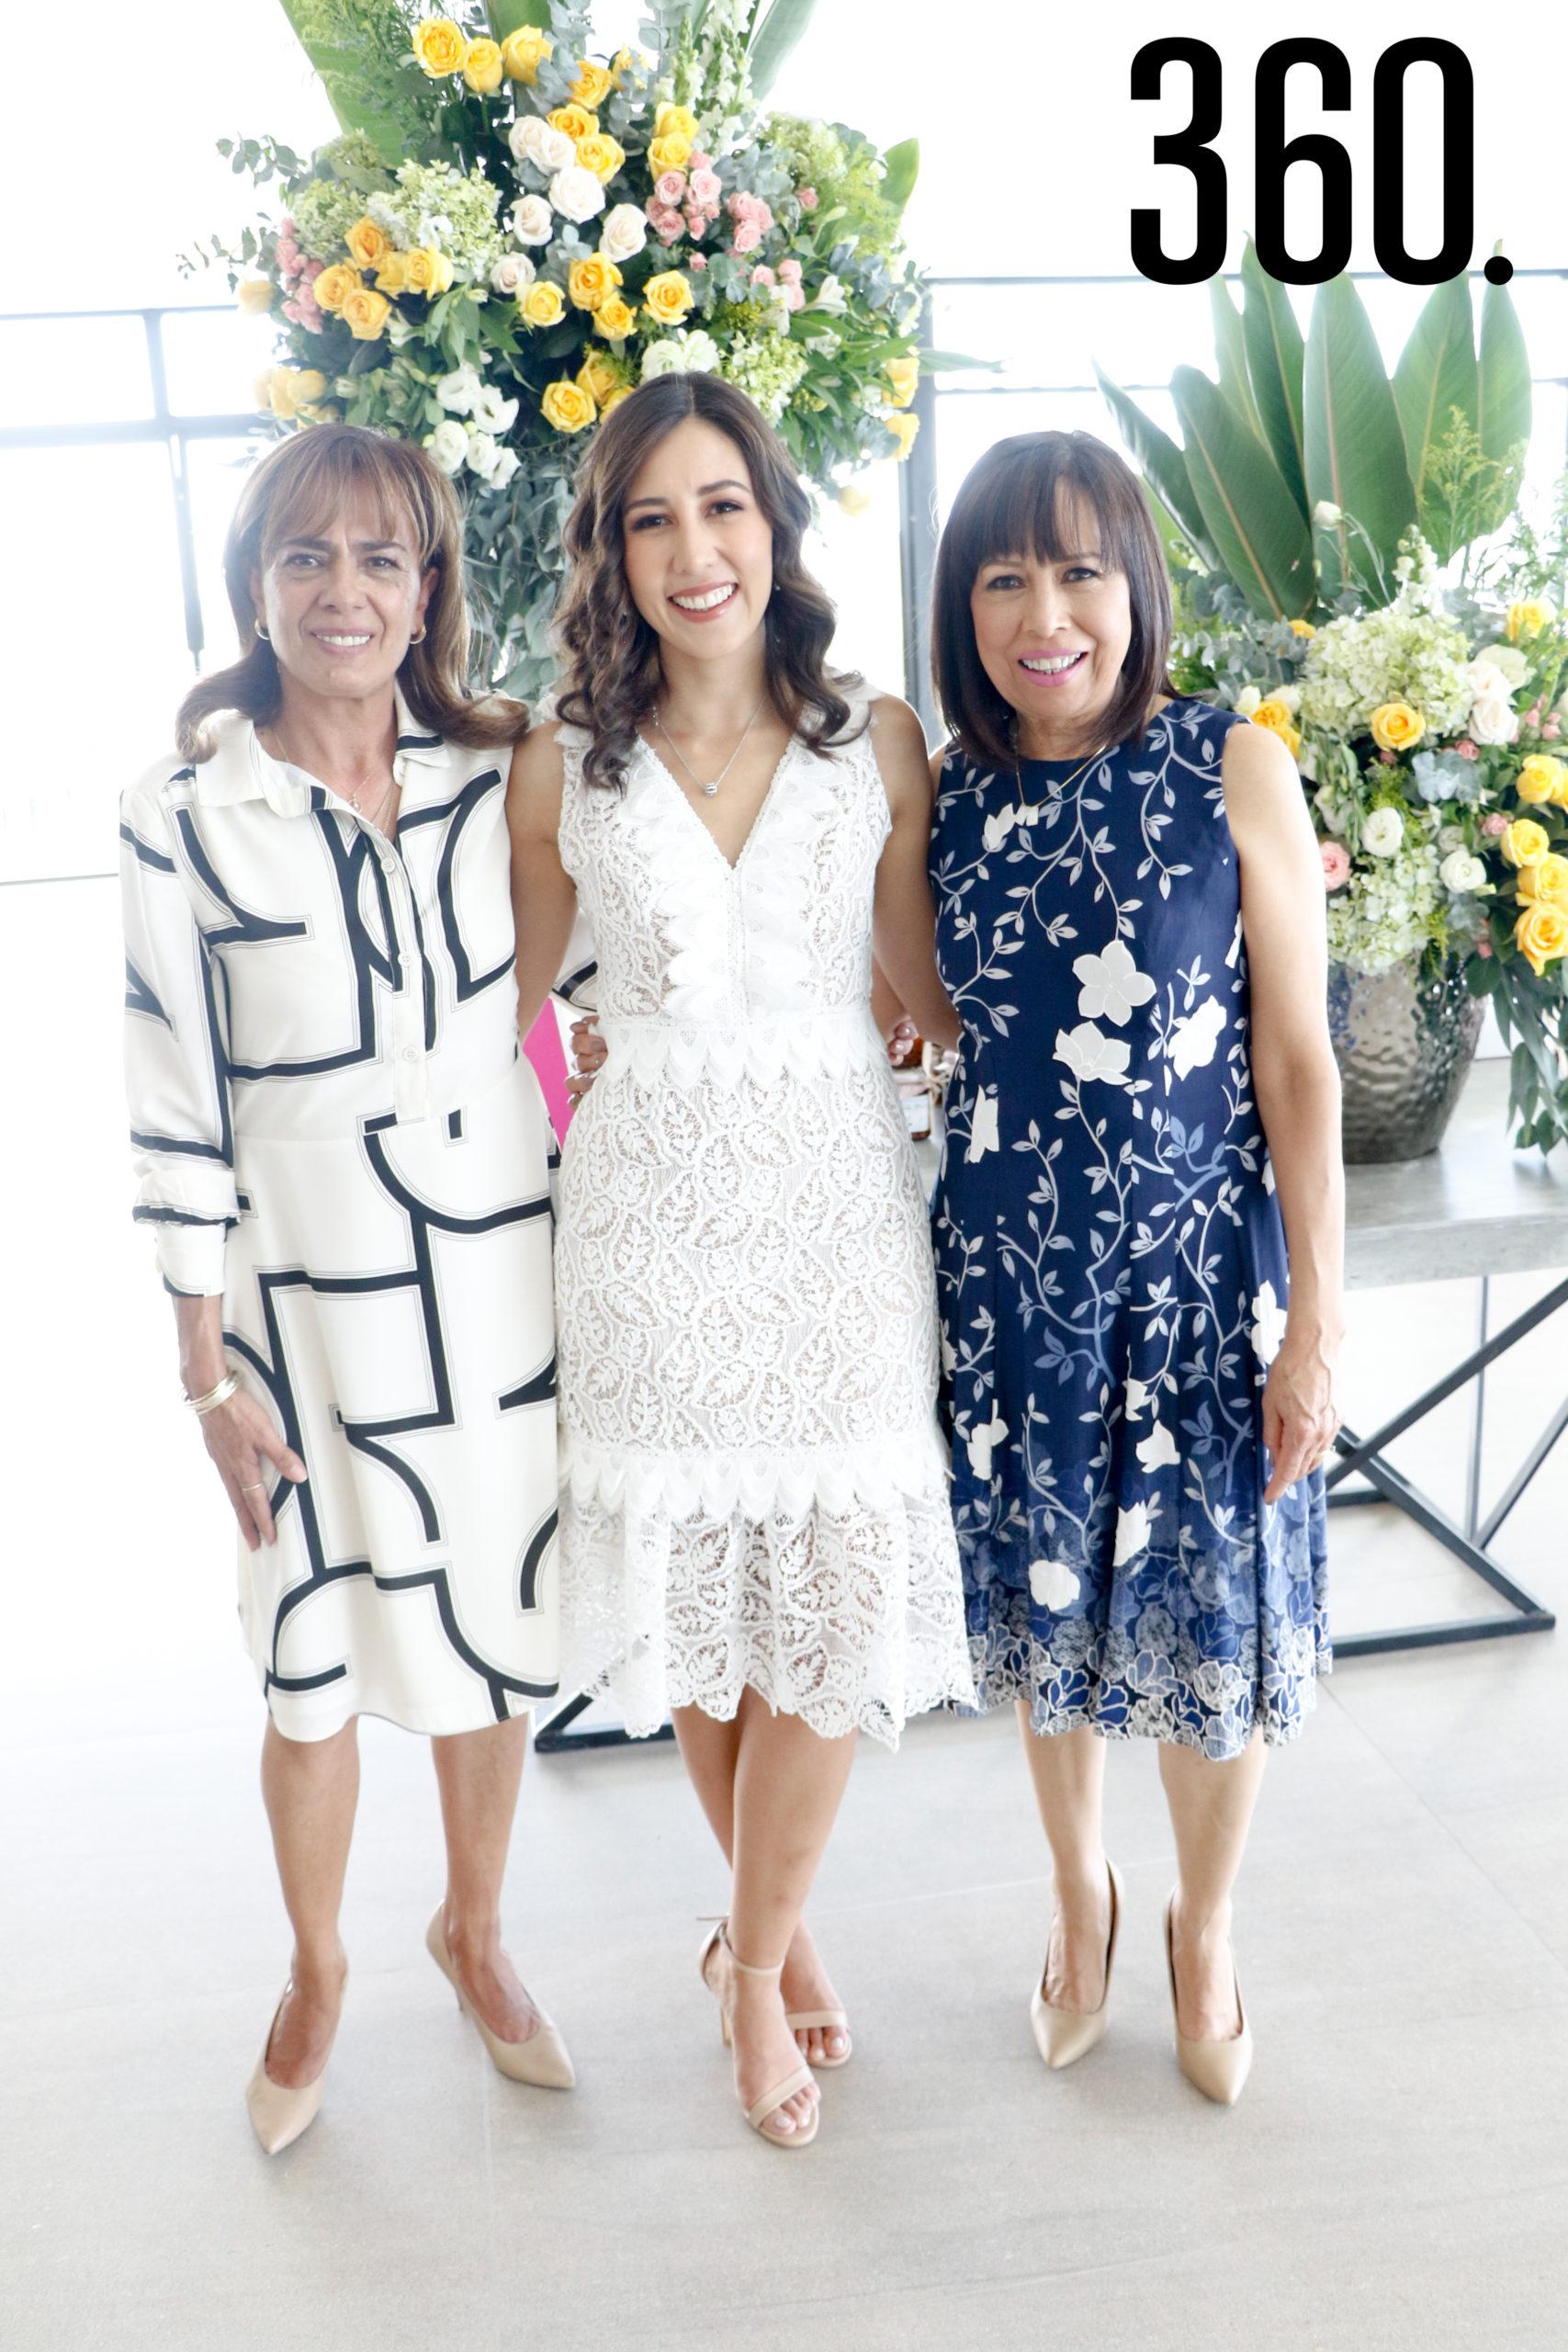 Gaby con su suegra y su madre, Patricia Macías y Olga Caldera.